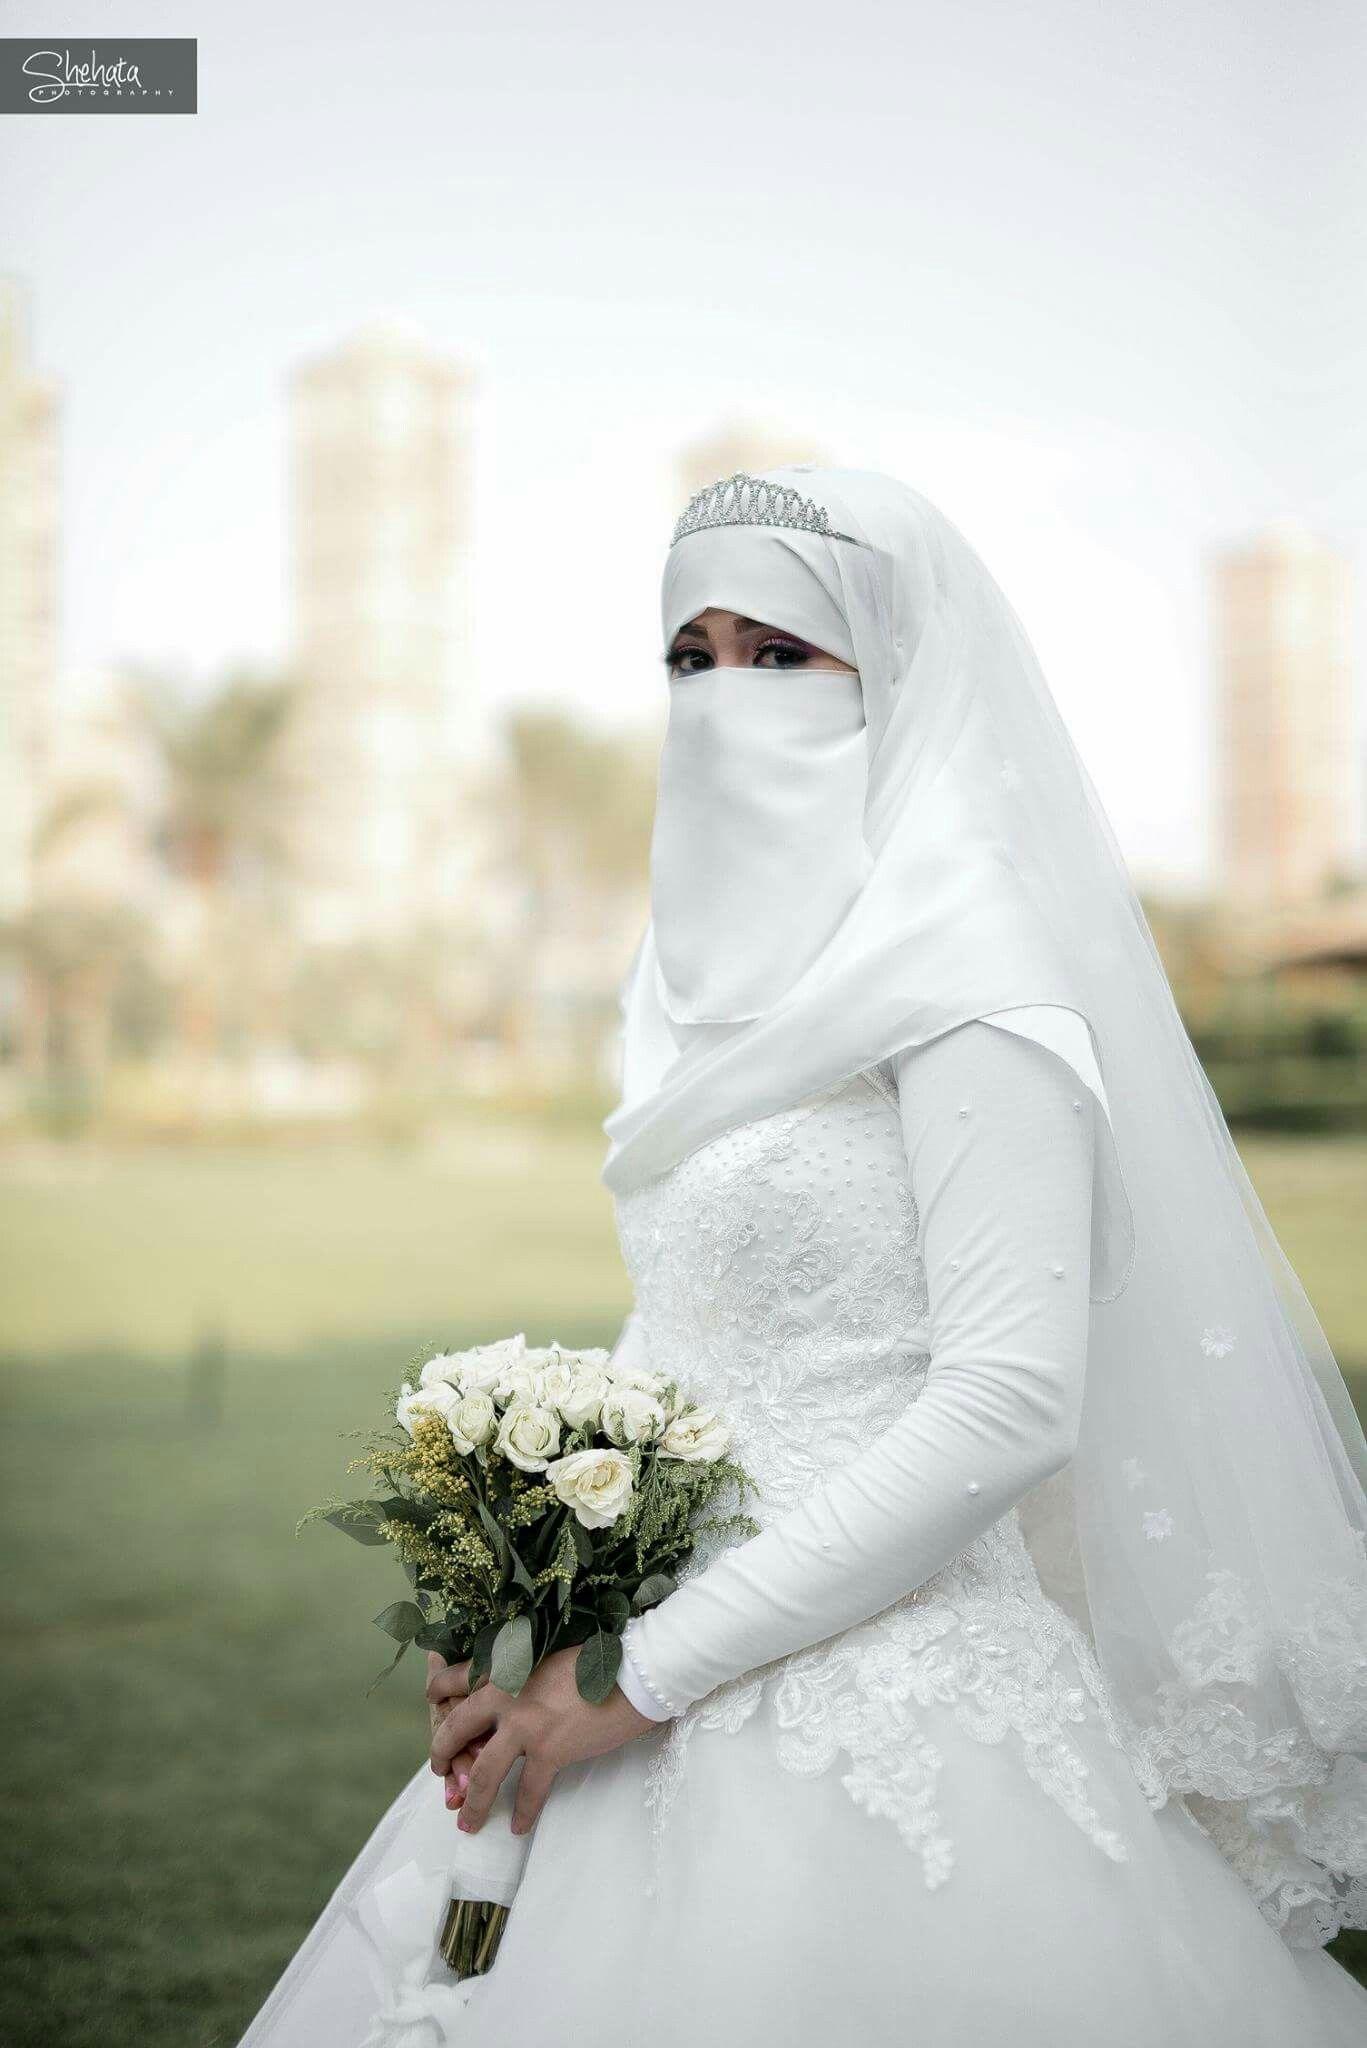 Niqab muslim wedding White long